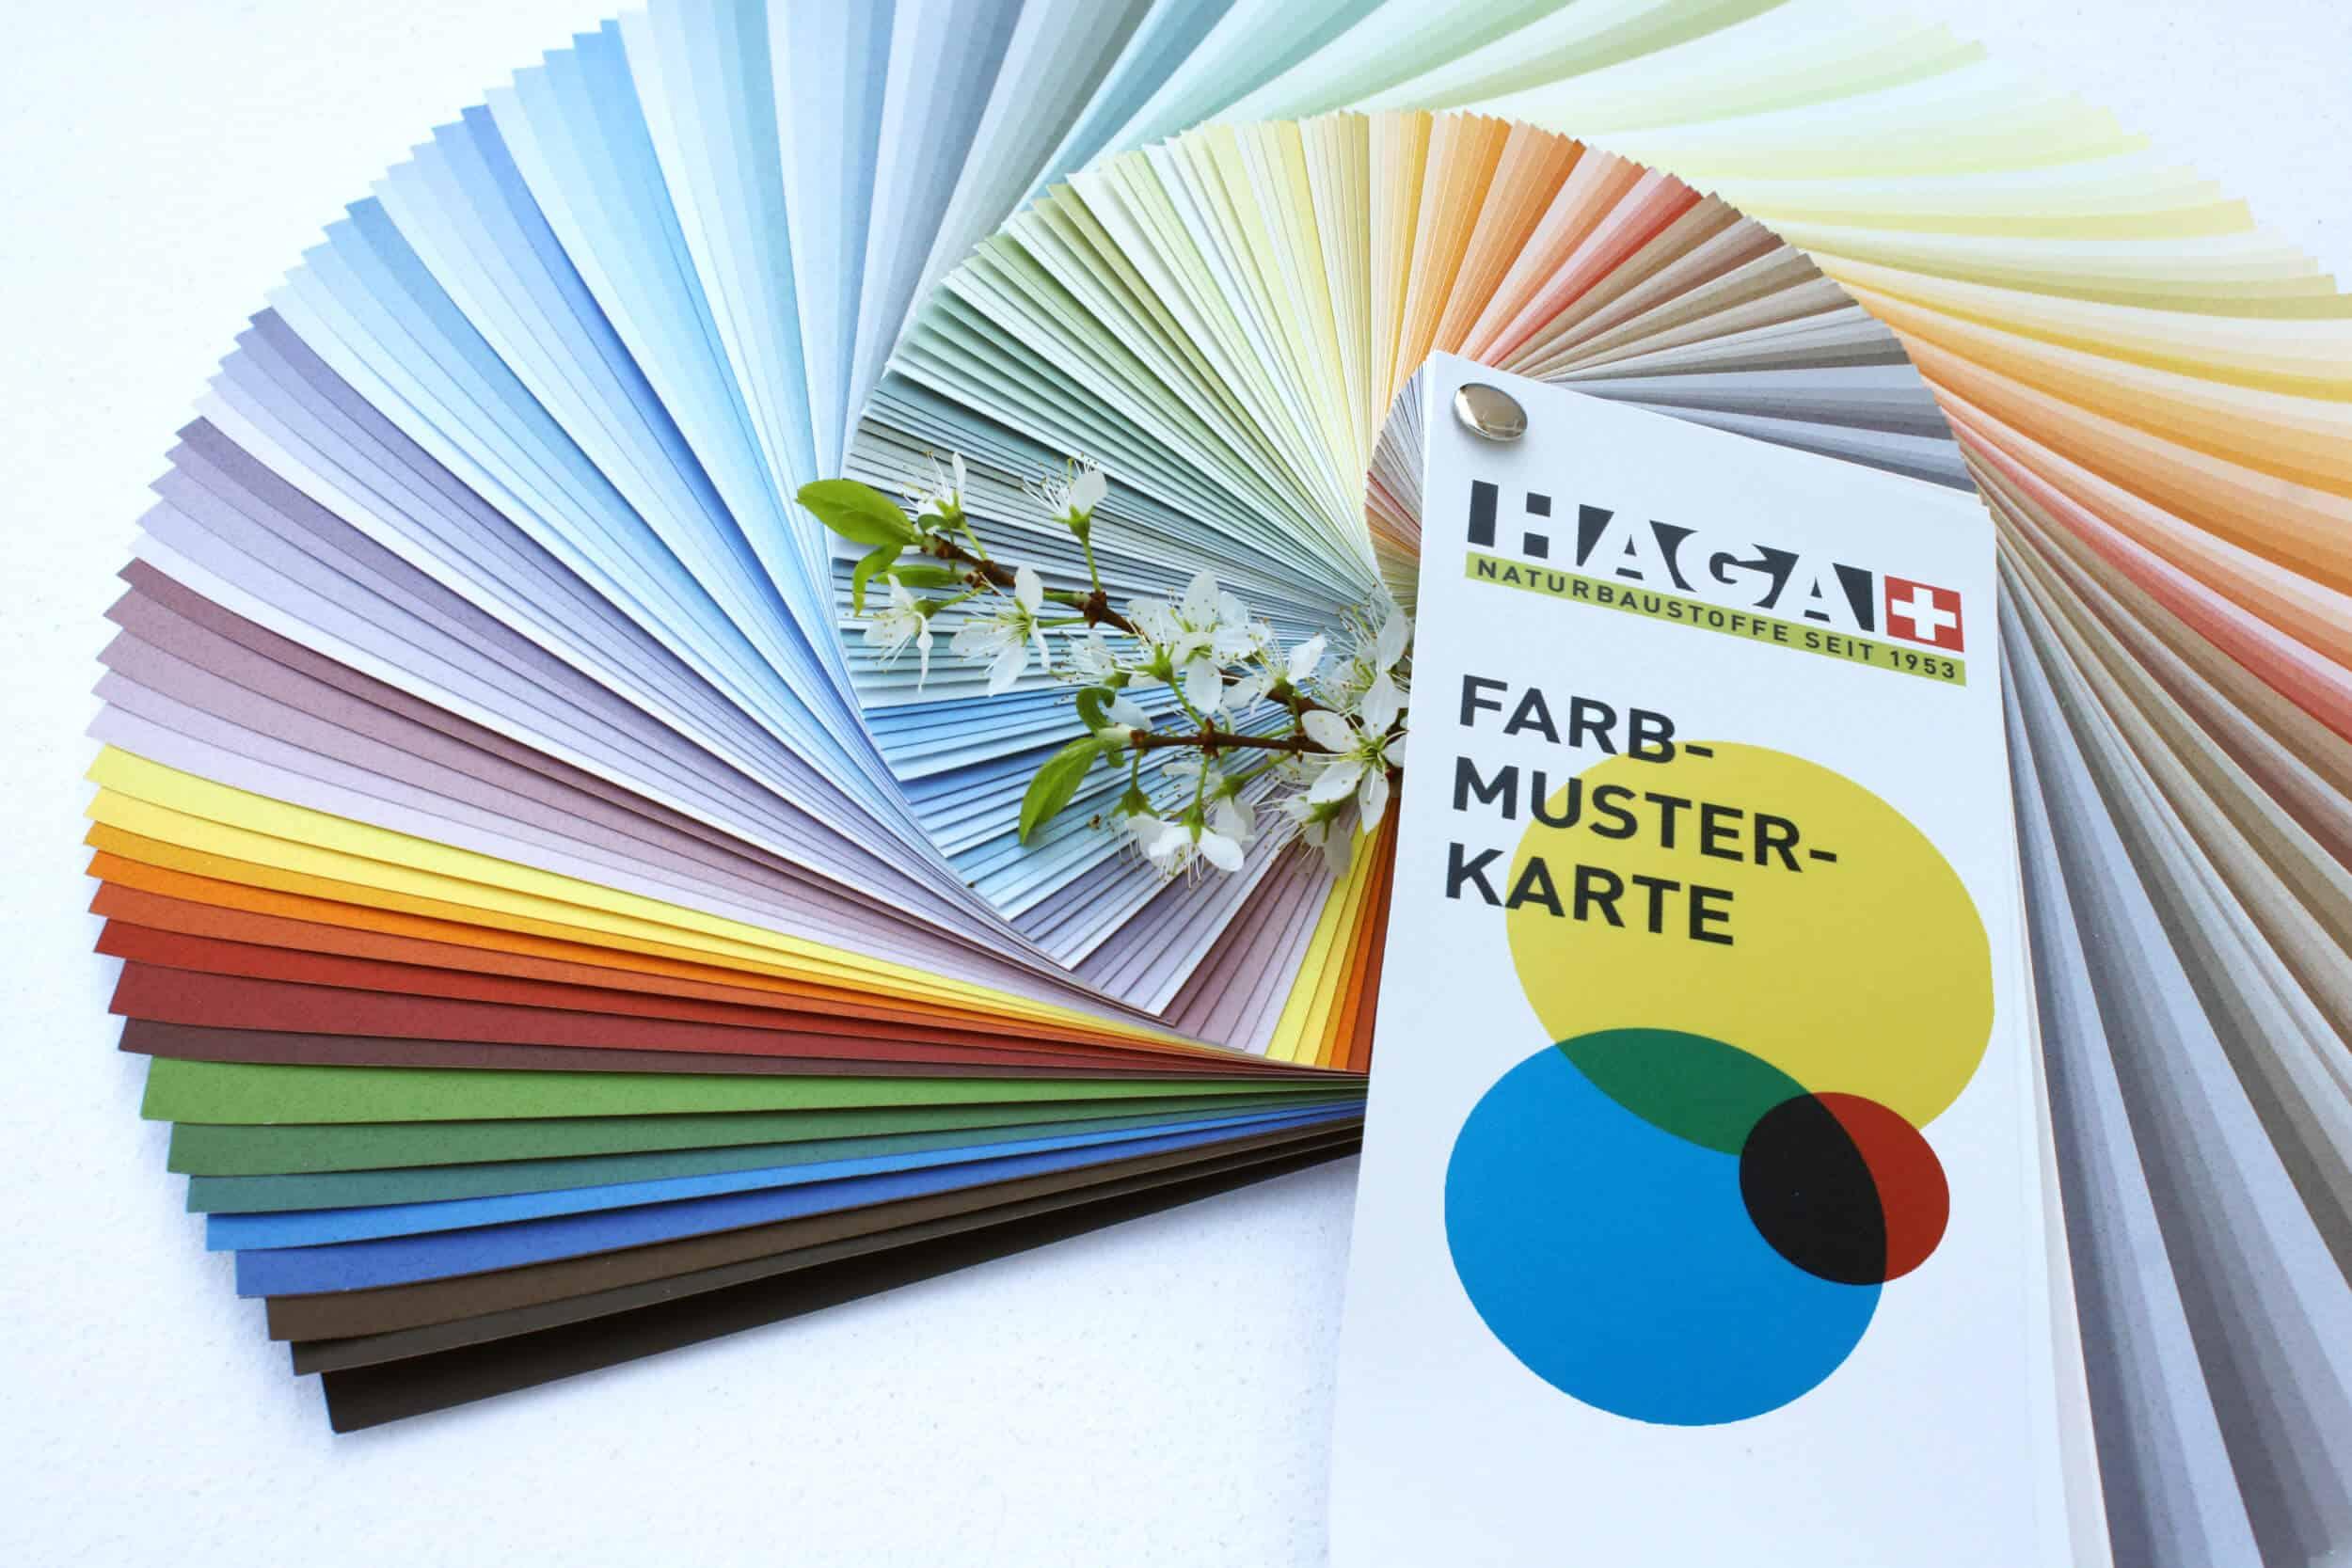 HAGA Farbmusterkarte